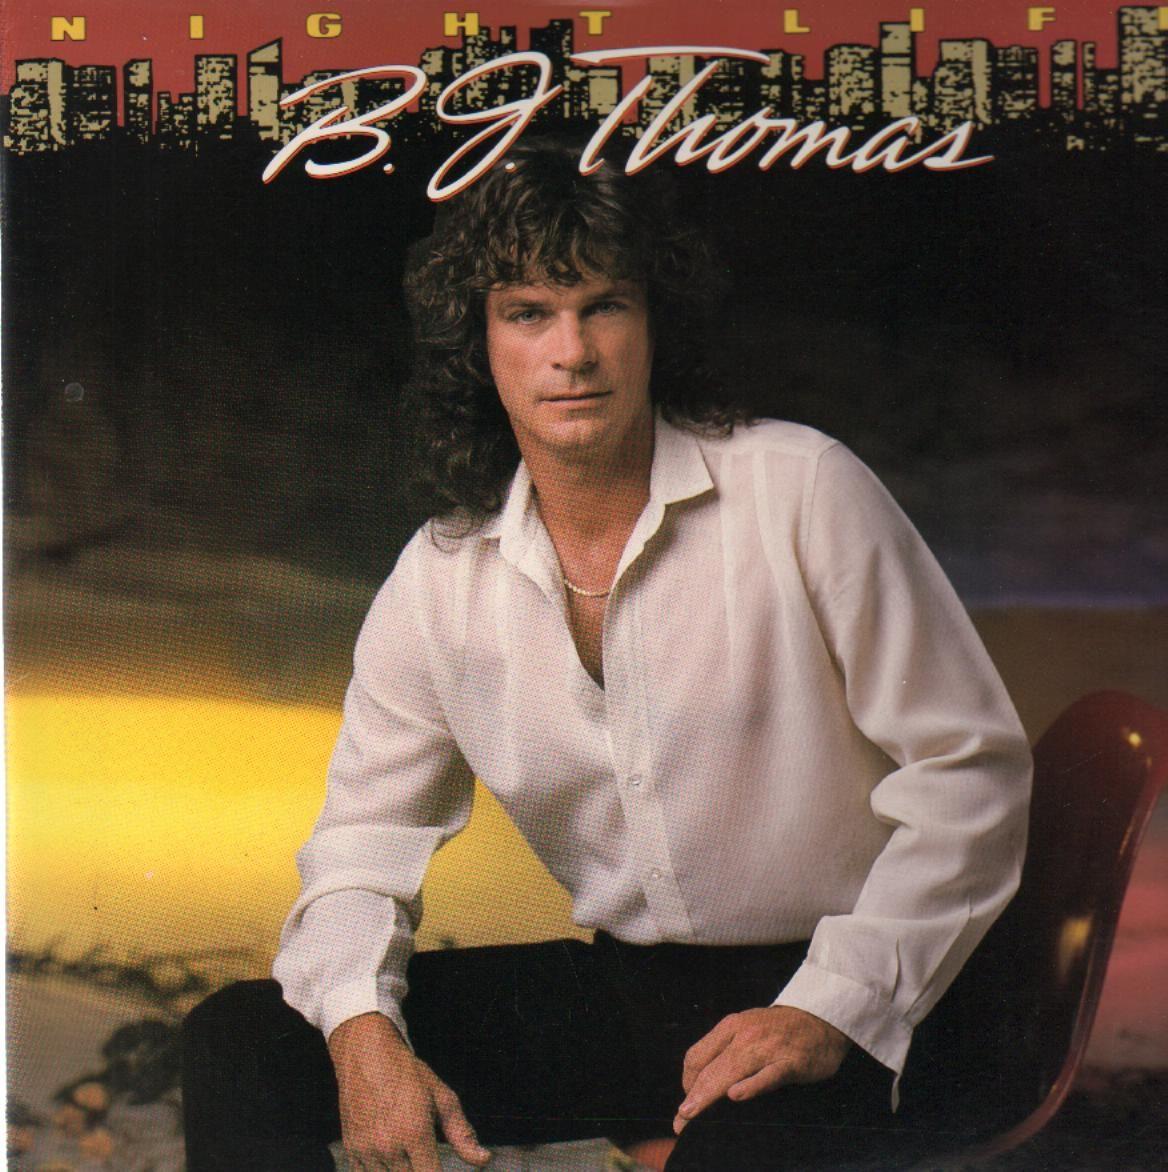 B J Thomas Vinyl Record Albums